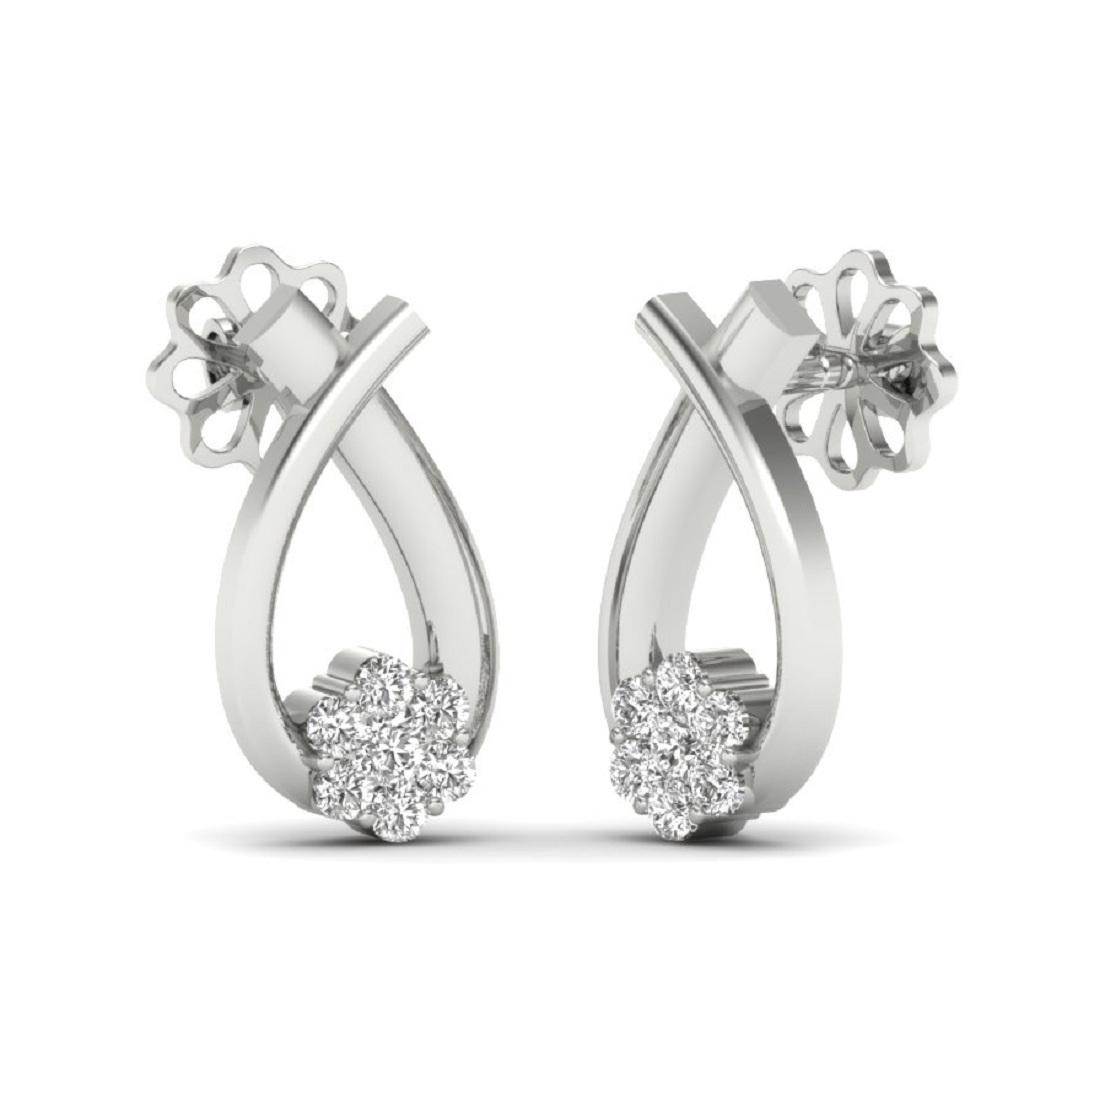 silver studs earrings